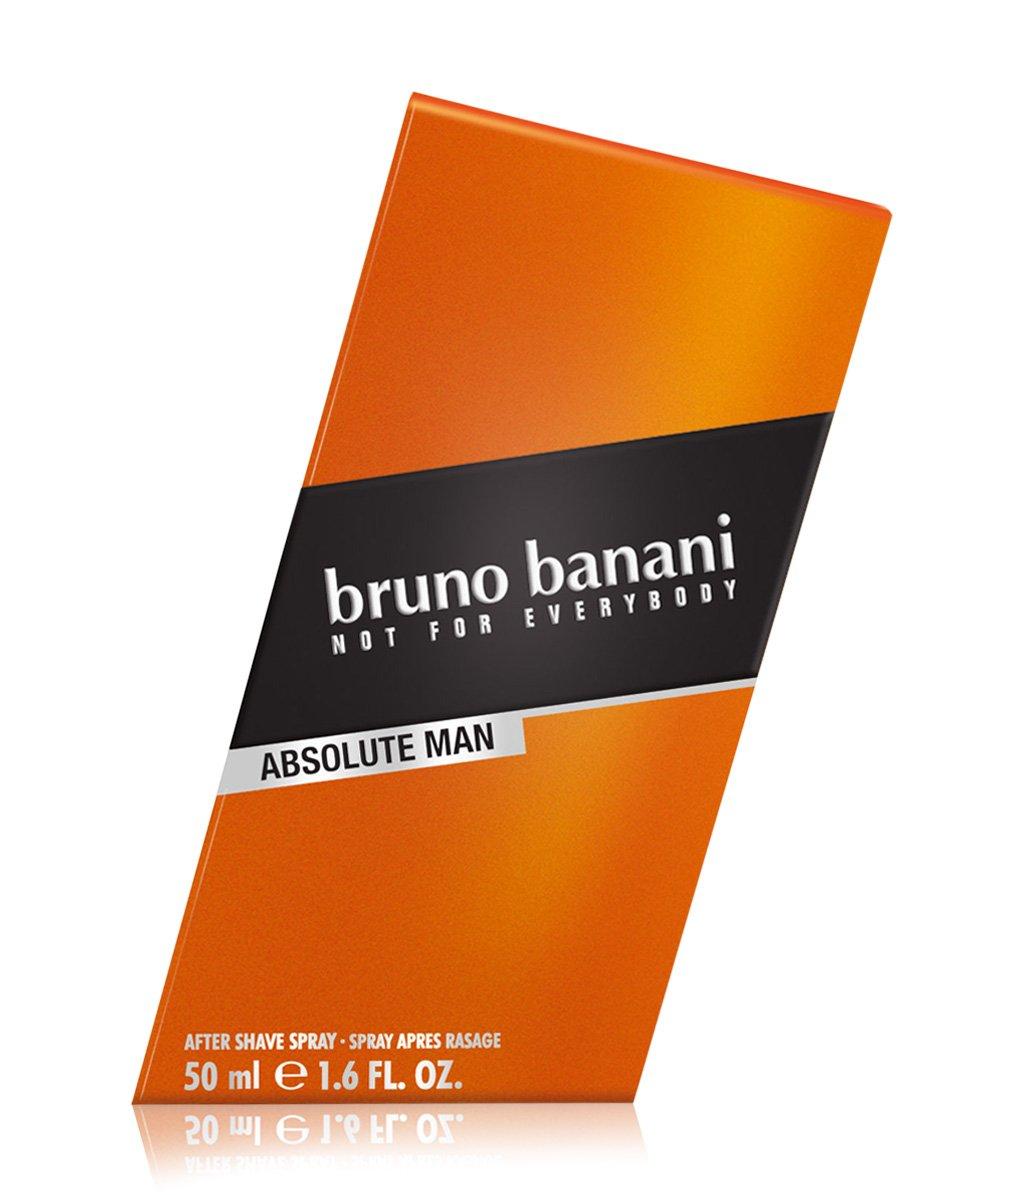 bruno banani absolute man after shave splash online. Black Bedroom Furniture Sets. Home Design Ideas